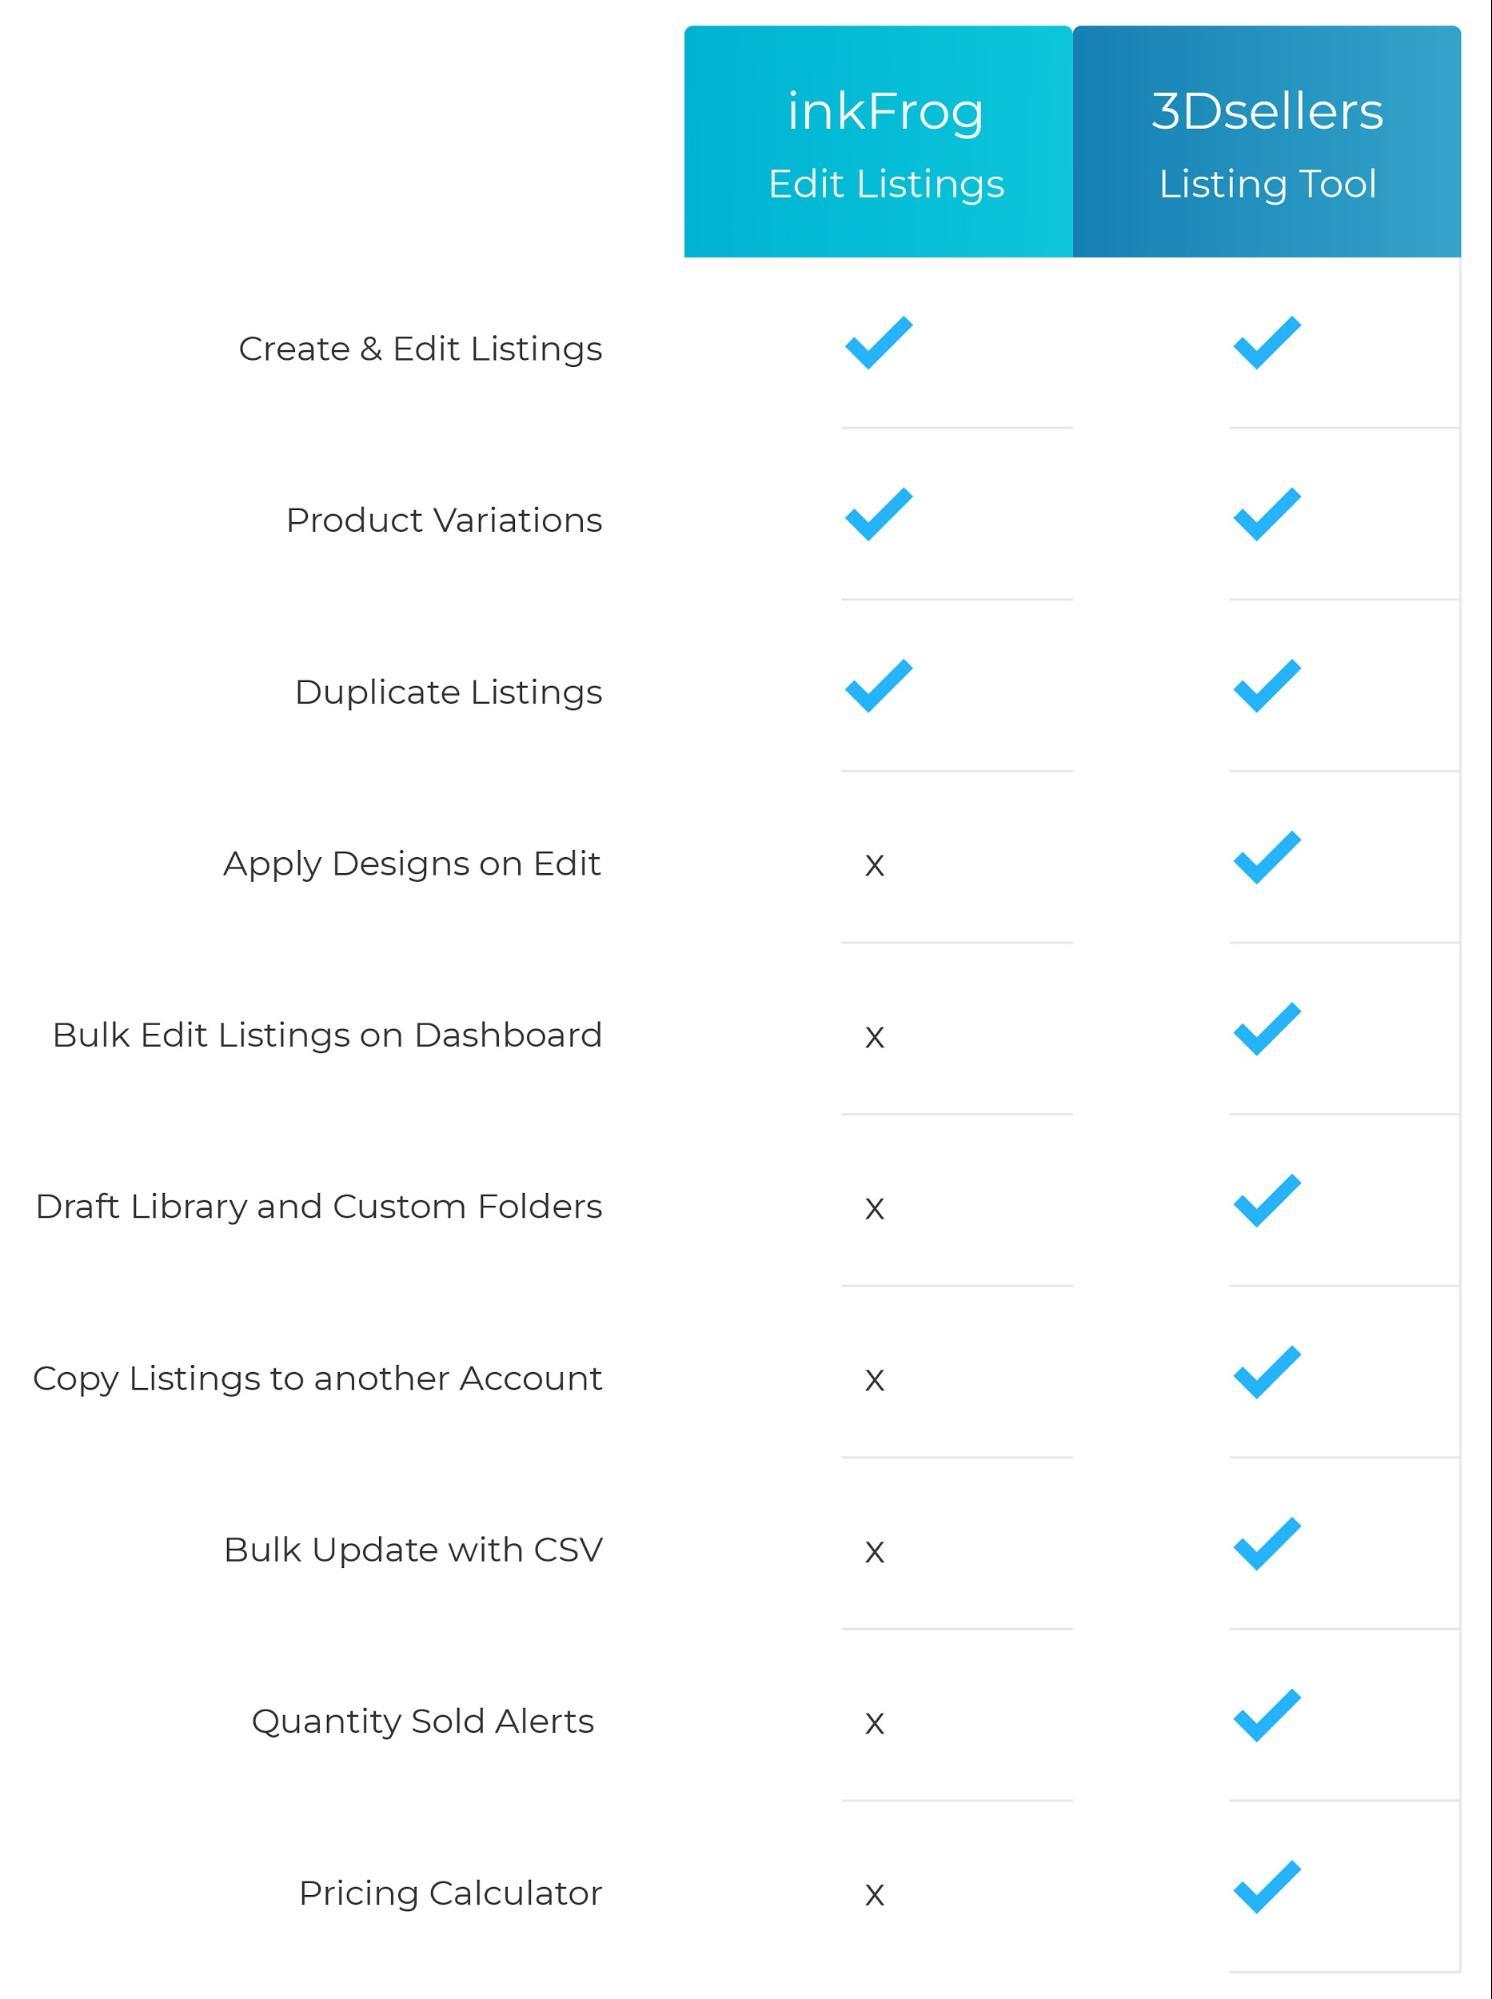 inkfrog vs 3dsellers ebay listing tool